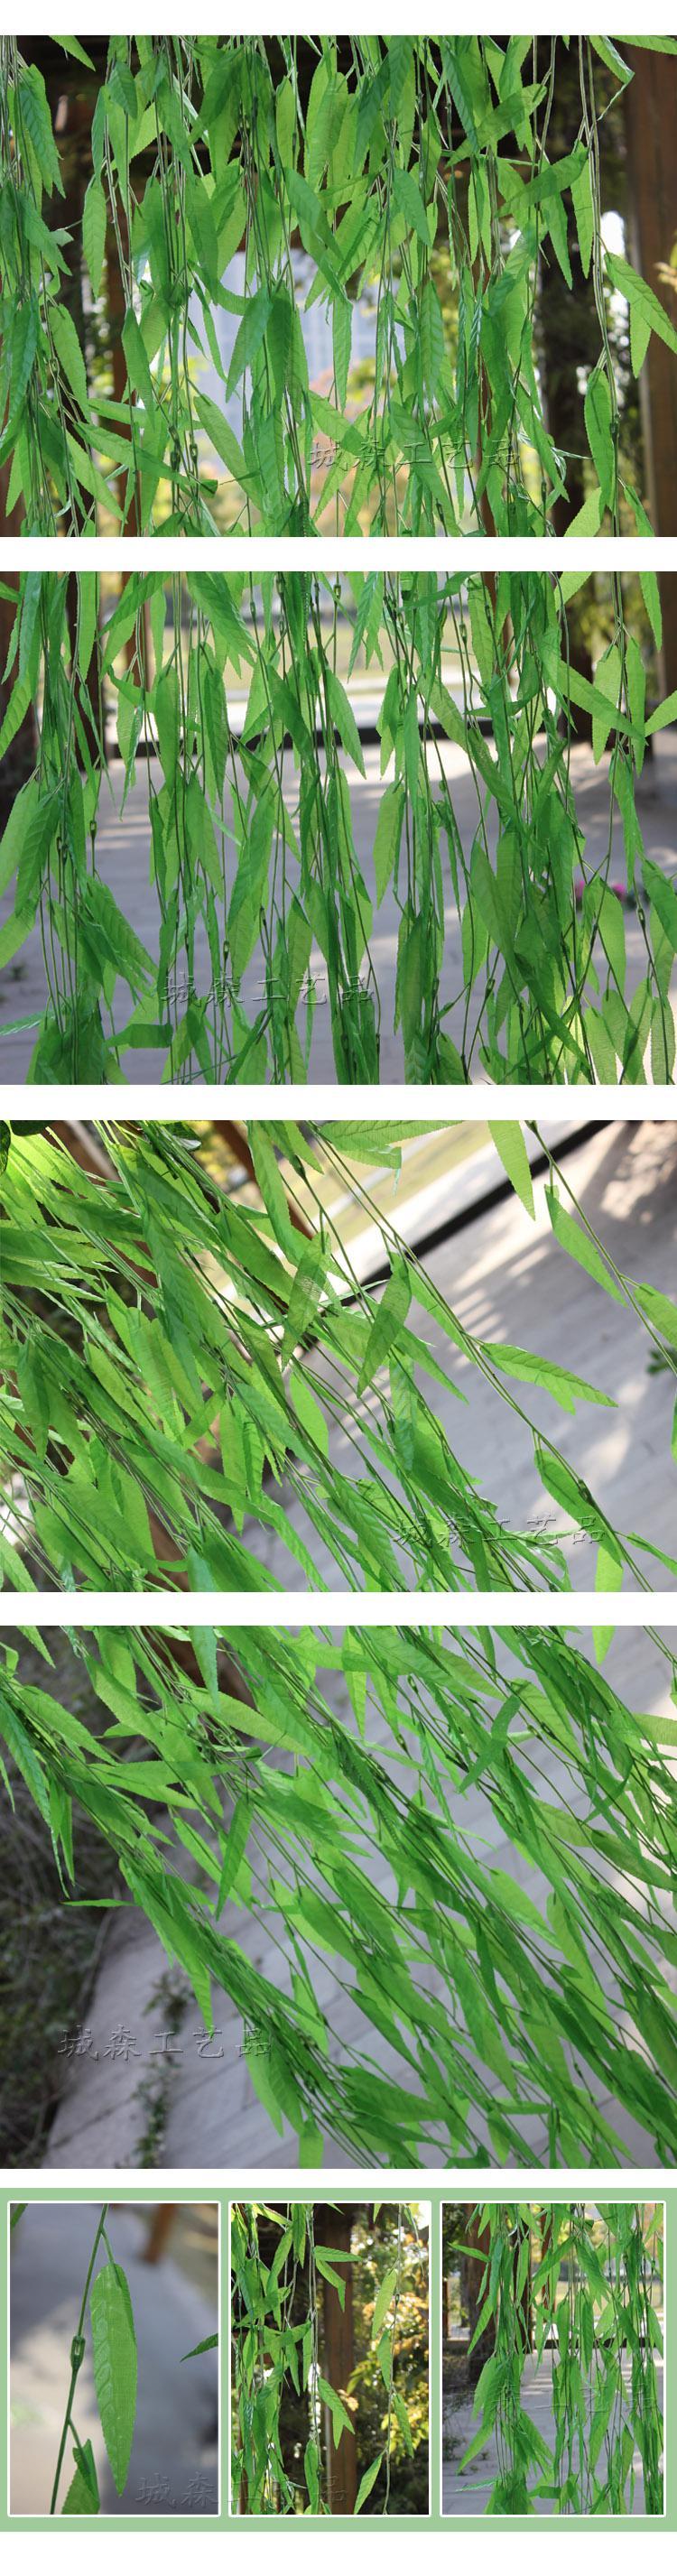 180 metros artificial Willow verde simulación seda hoja de sauce vid de la flor para la decoración casera ENVÍO GRATIS